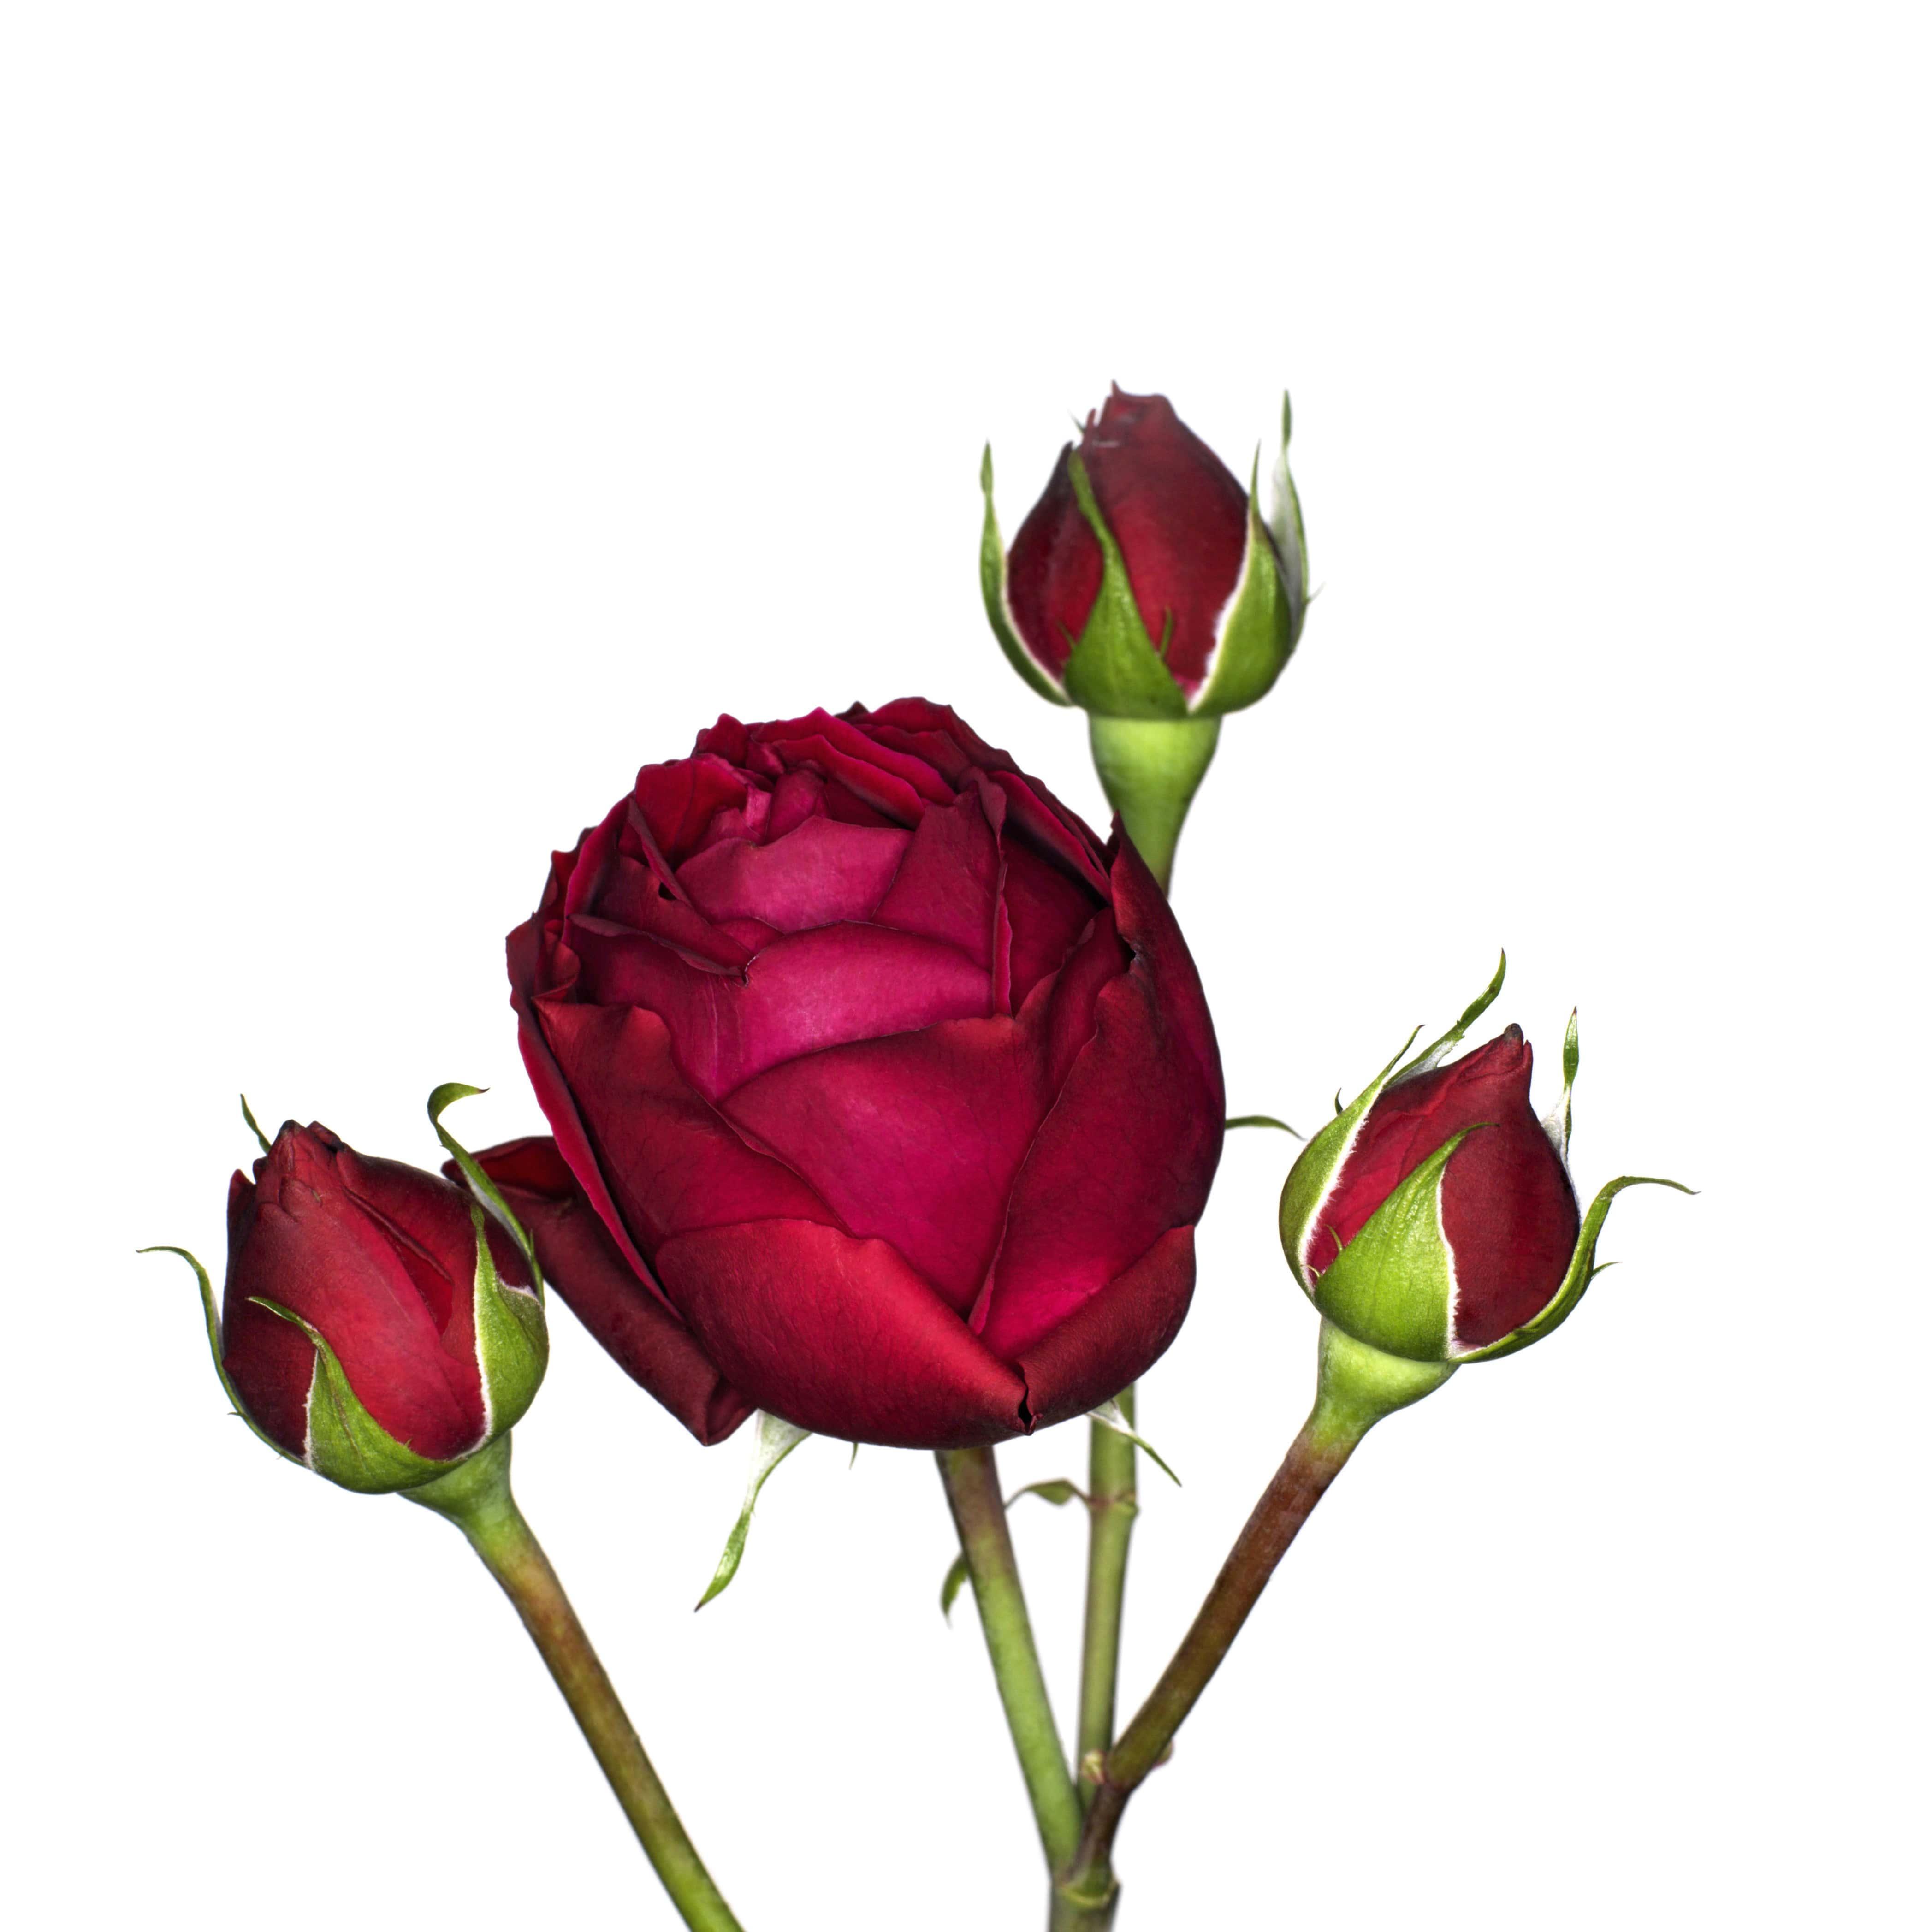 משלוח פרחים – איך זה עובד?